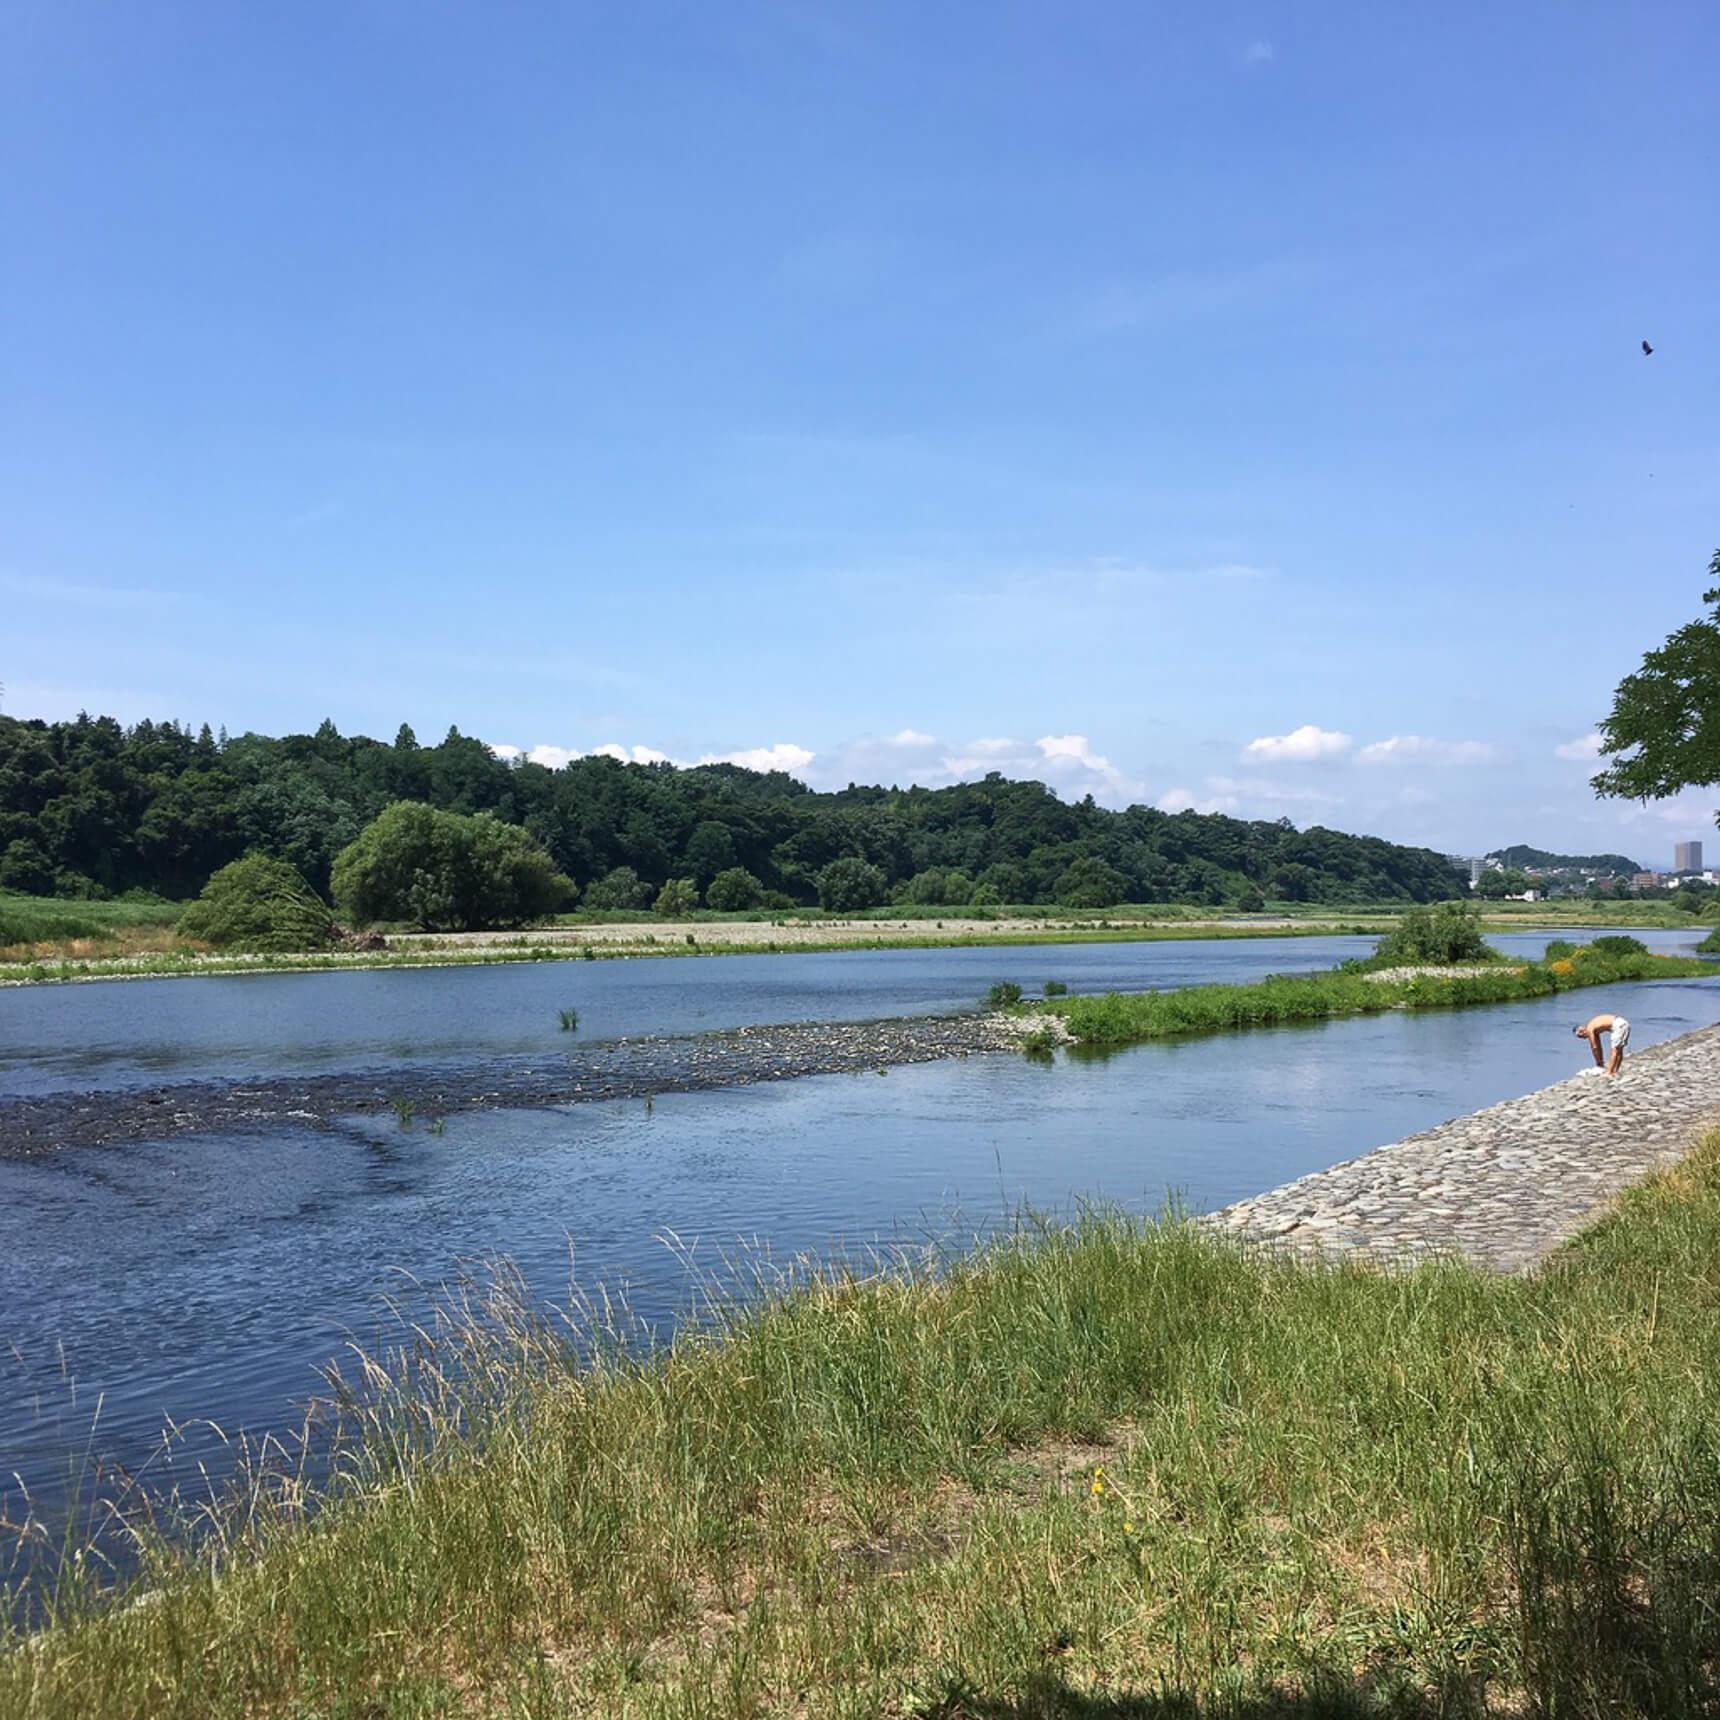 多摩川の流れが気持ちいい!ちょっとした水遊びや、釣りも可能です。